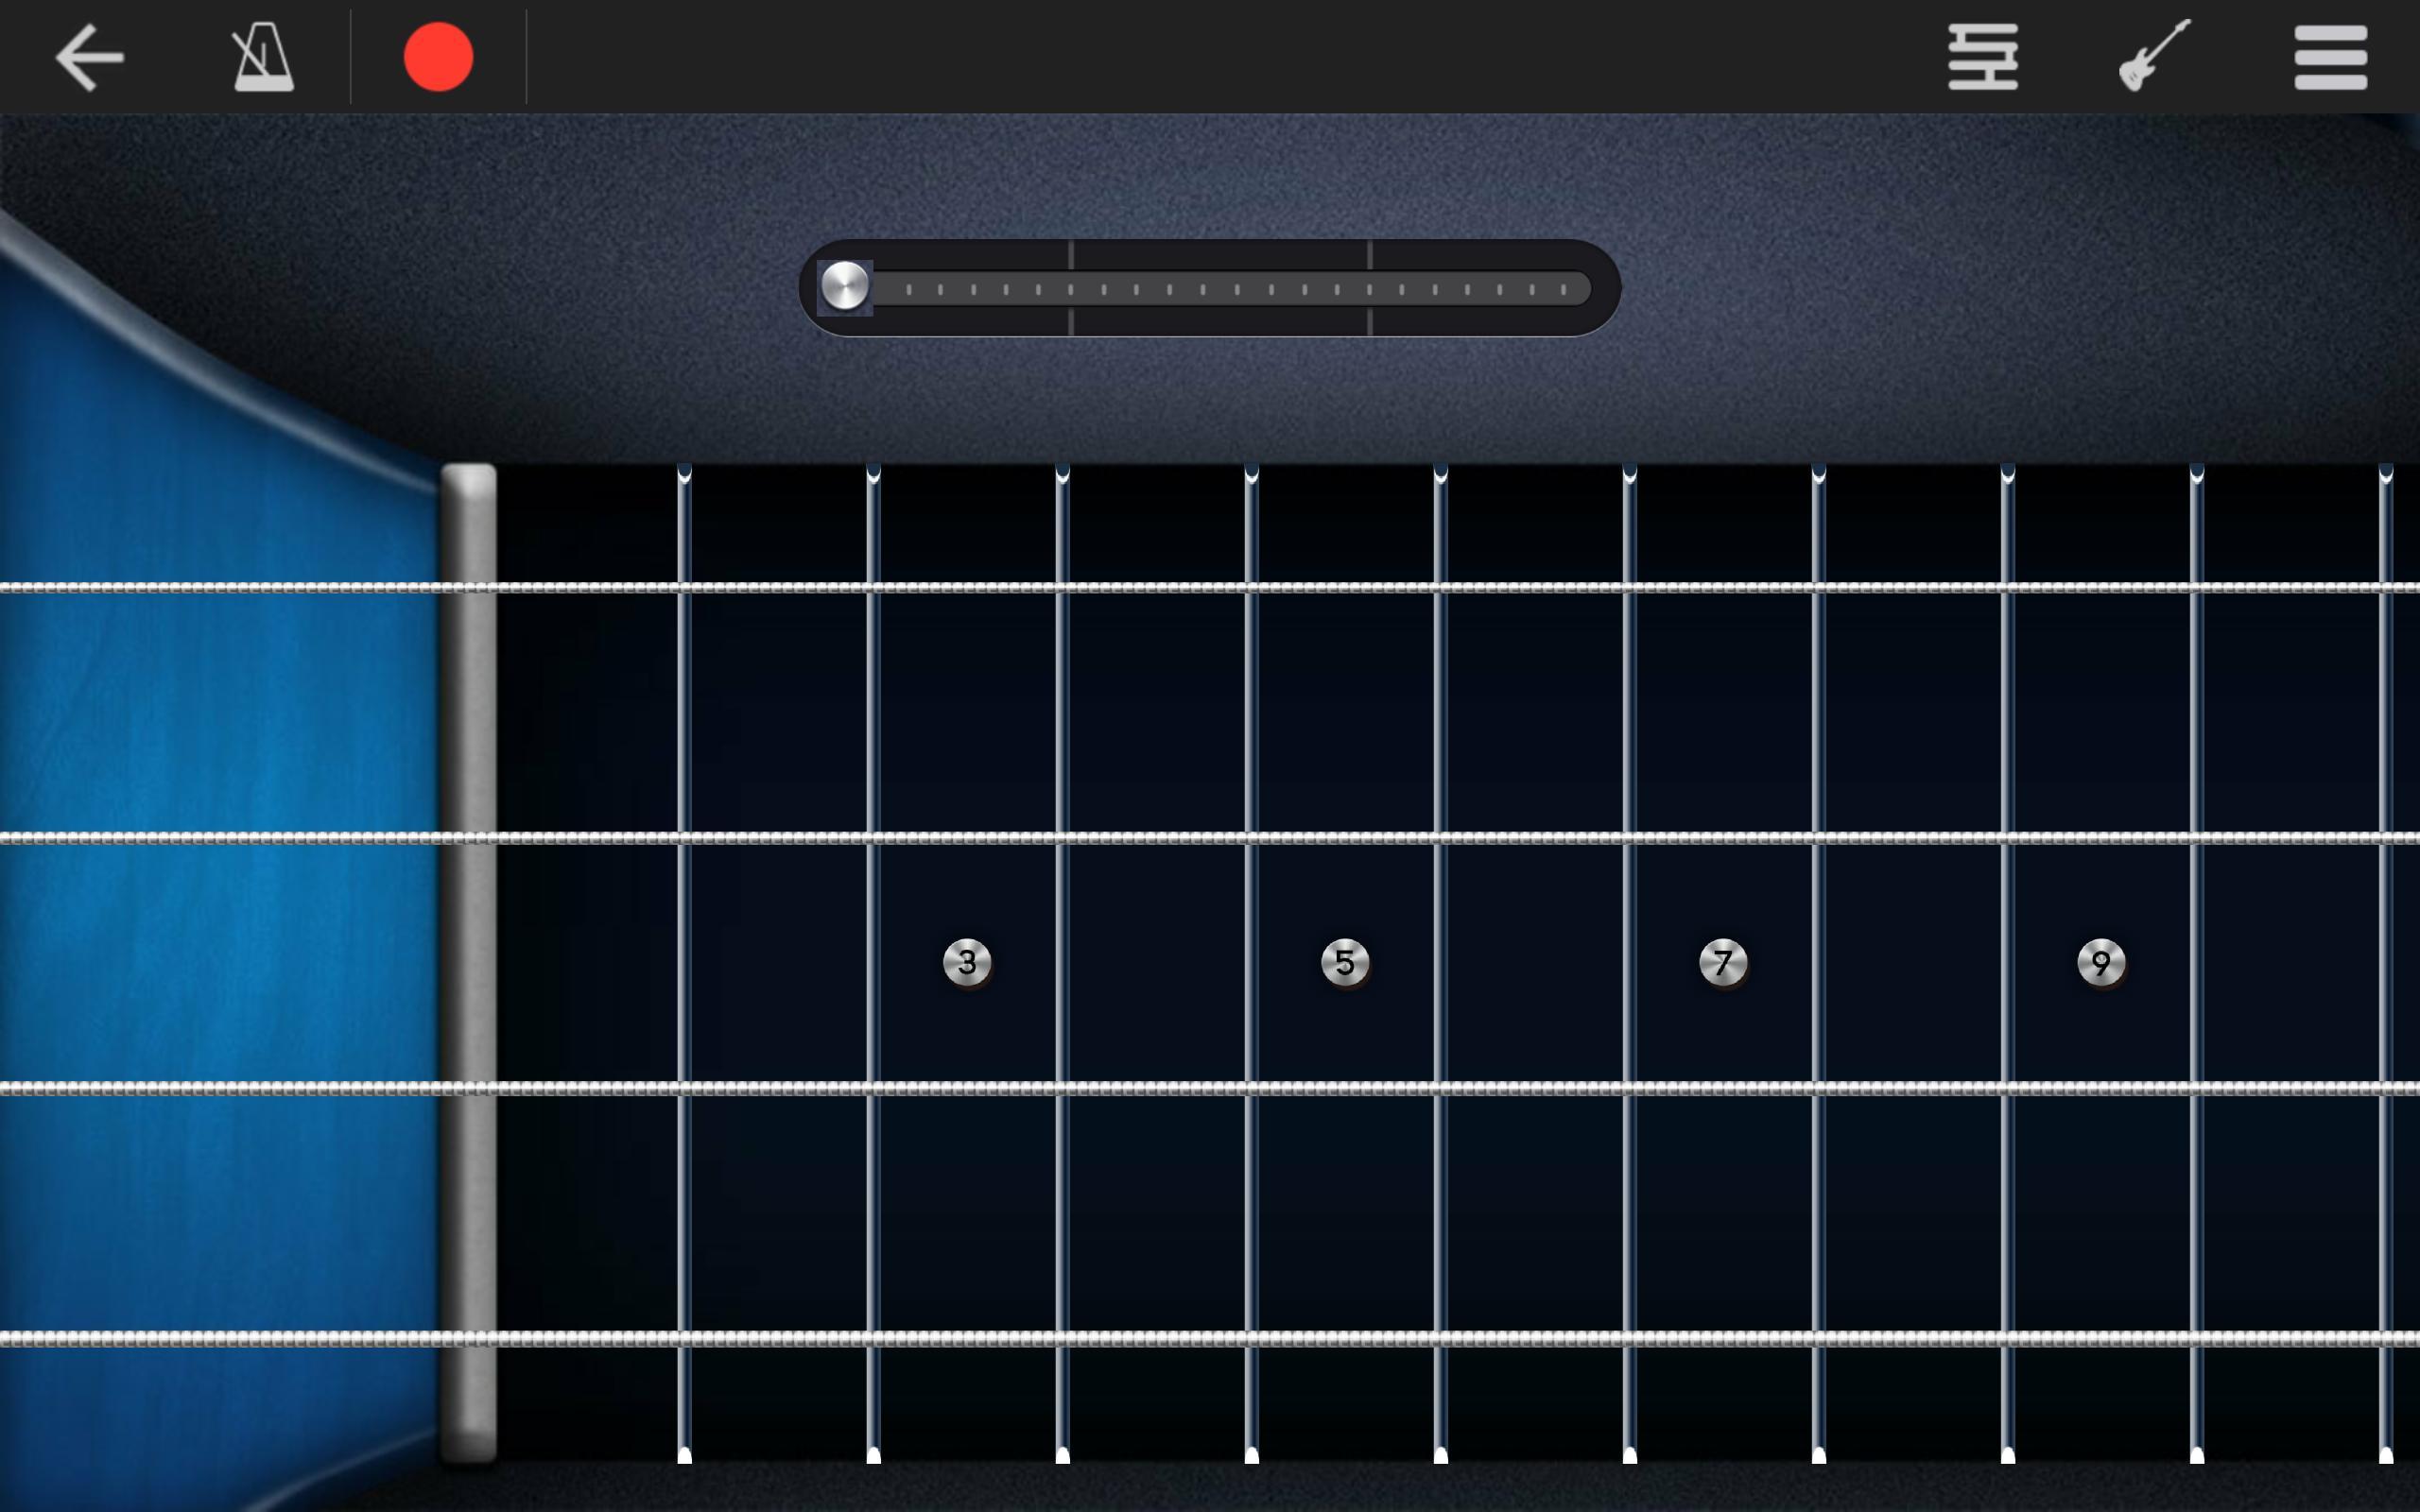 Walk Band Multitracks Music 7.4.1 Screenshot 12